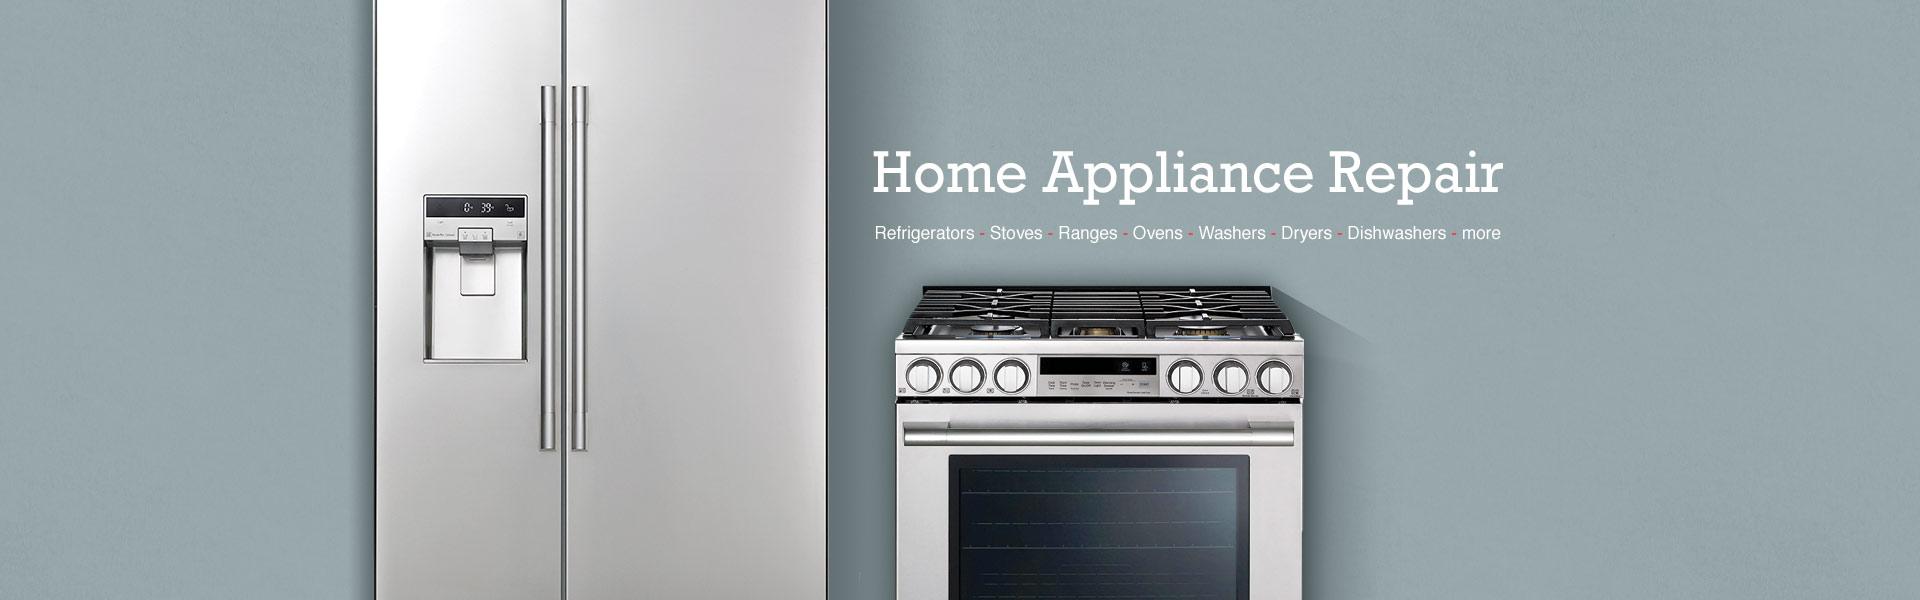 Appliance Repair Little Rock AR